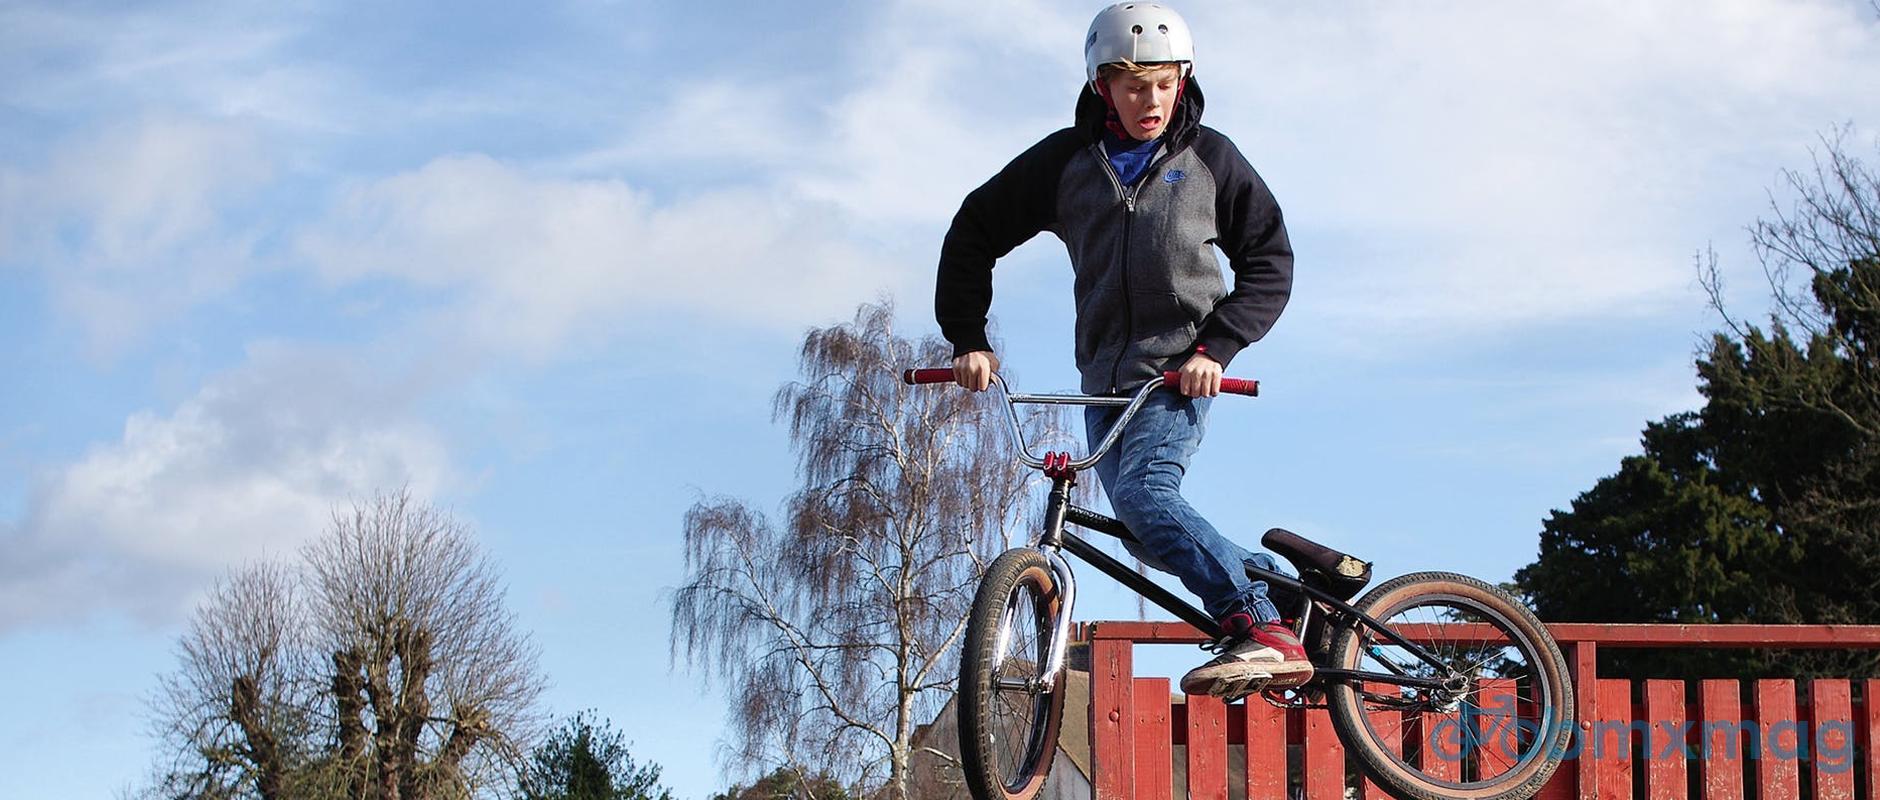 limage sélectionnée Tout sur les compétitions BMX - Tout sur les compétitions BMX